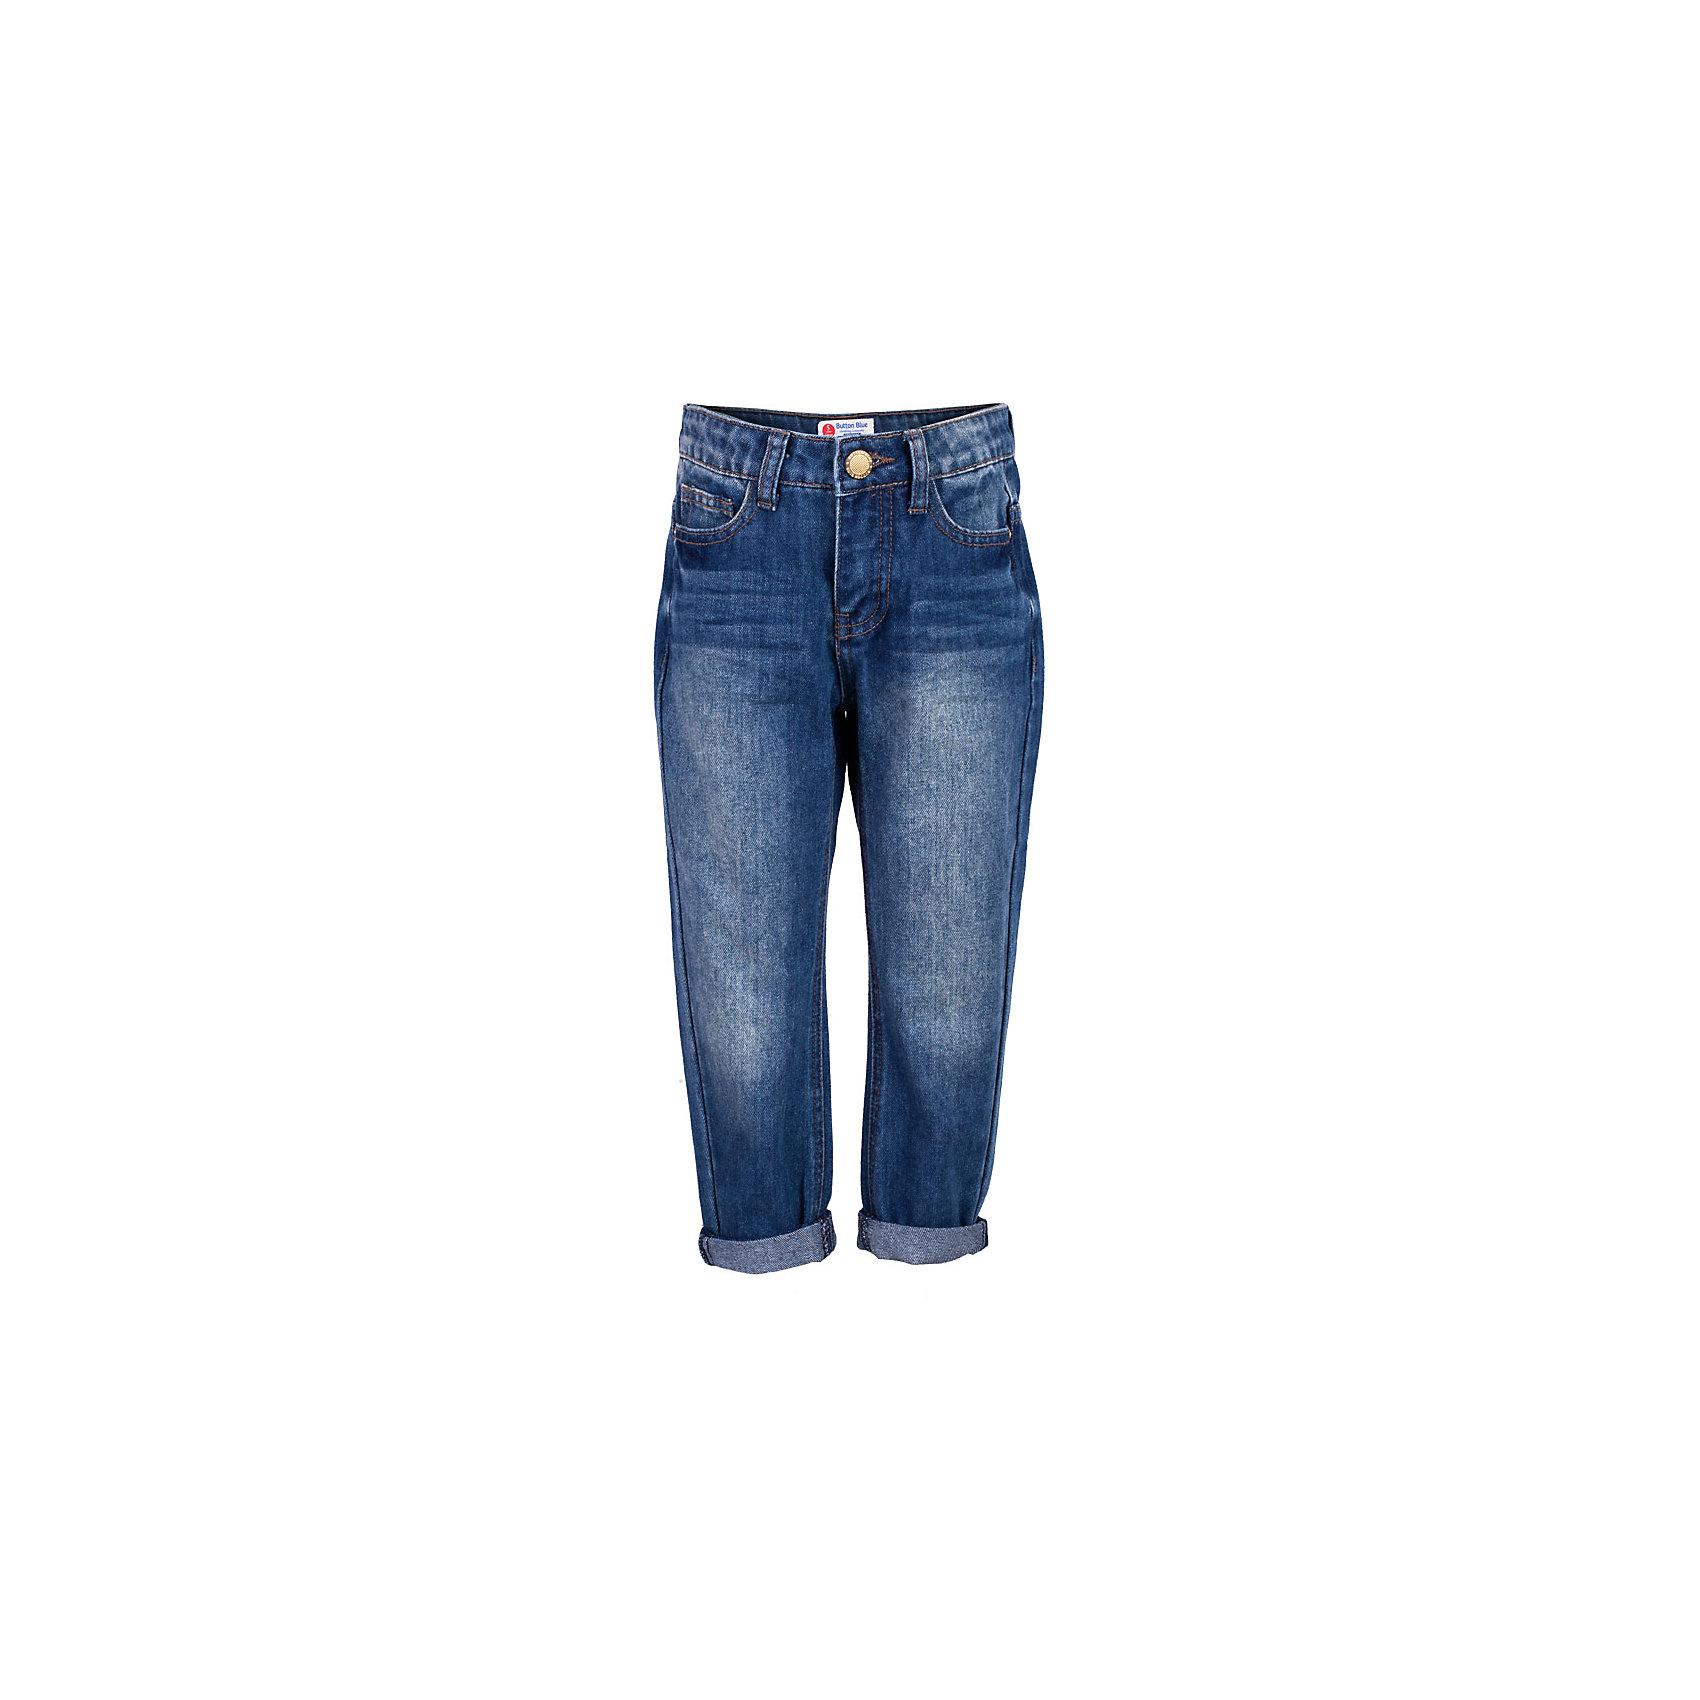 Джинсы для девочки  BUTTON BLUEДжинсы<br>Джинсы для девочки  BUTTON BLUE<br>Классные синие джинсы с потертостями и повреждениями — гарантия модного современного образа! Хороший крой,  удобная посадка на фигуре подарят девочке комфорт и свободу движений. Если вы хотите купить ребенку недорогие джинсы силуэта бойфренд, модель от Button Blue - прекрасный выбор!<br>Состав:<br>100%  хлопок<br><br>Ширина мм: 215<br>Глубина мм: 88<br>Высота мм: 191<br>Вес г: 336<br>Цвет: синий<br>Возраст от месяцев: 48<br>Возраст до месяцев: 60<br>Пол: Женский<br>Возраст: Детский<br>Размер: 110,116,122,140,152,98,104<br>SKU: 5523670